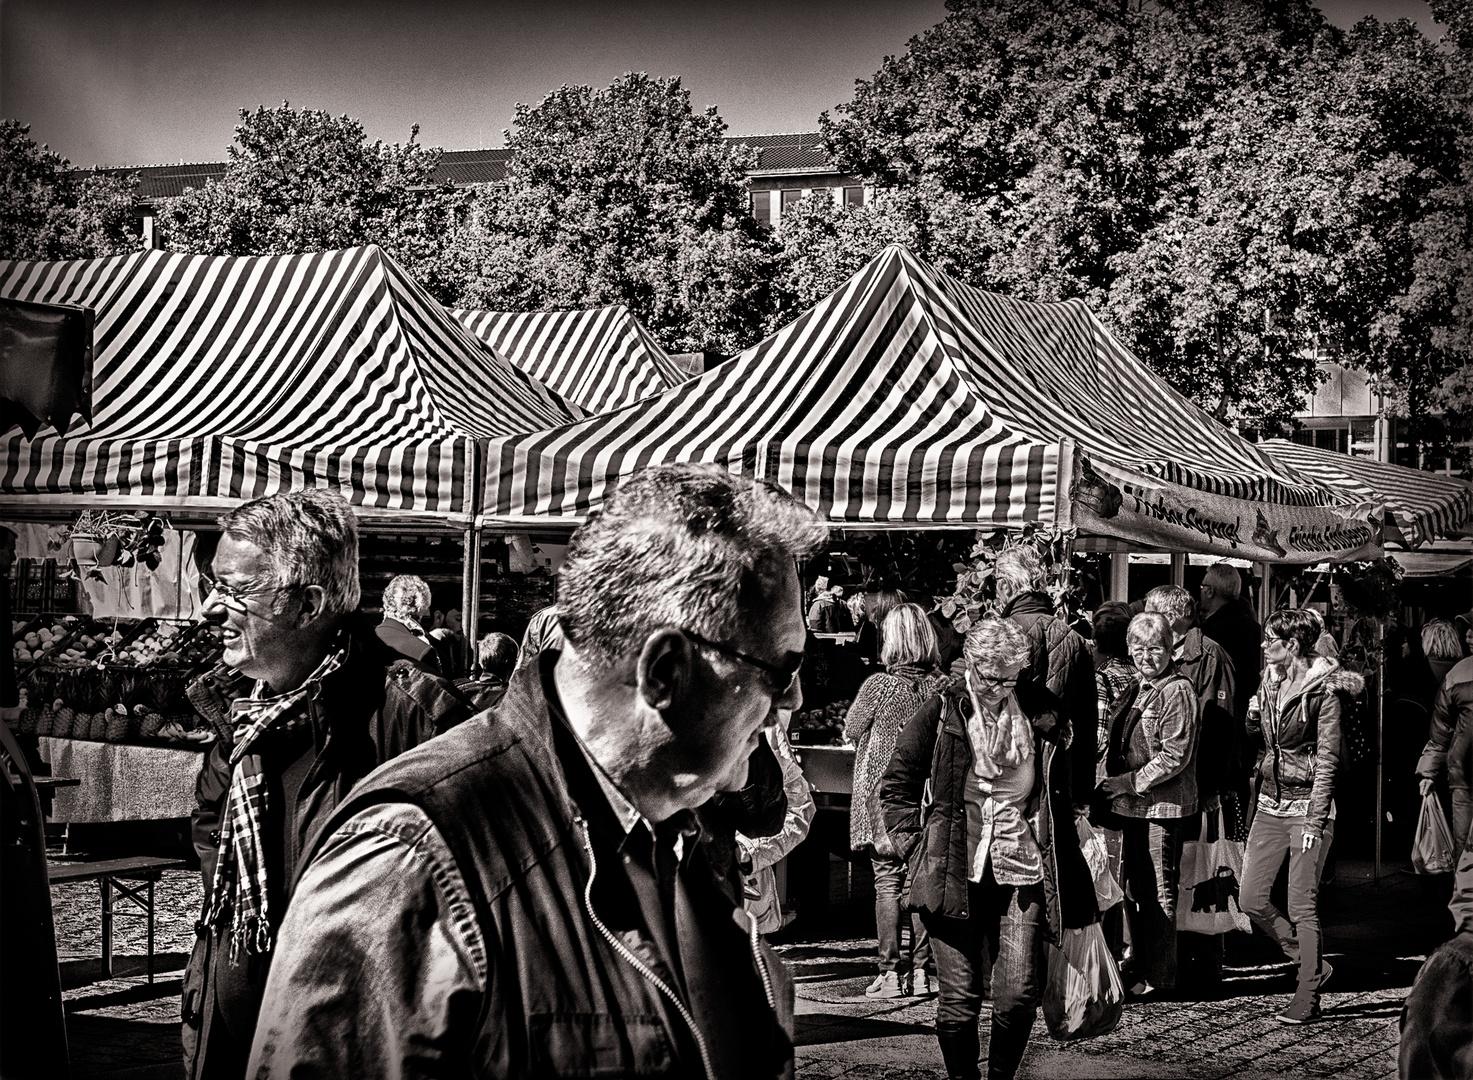 auf dem Dortmunder Wochenmarkt